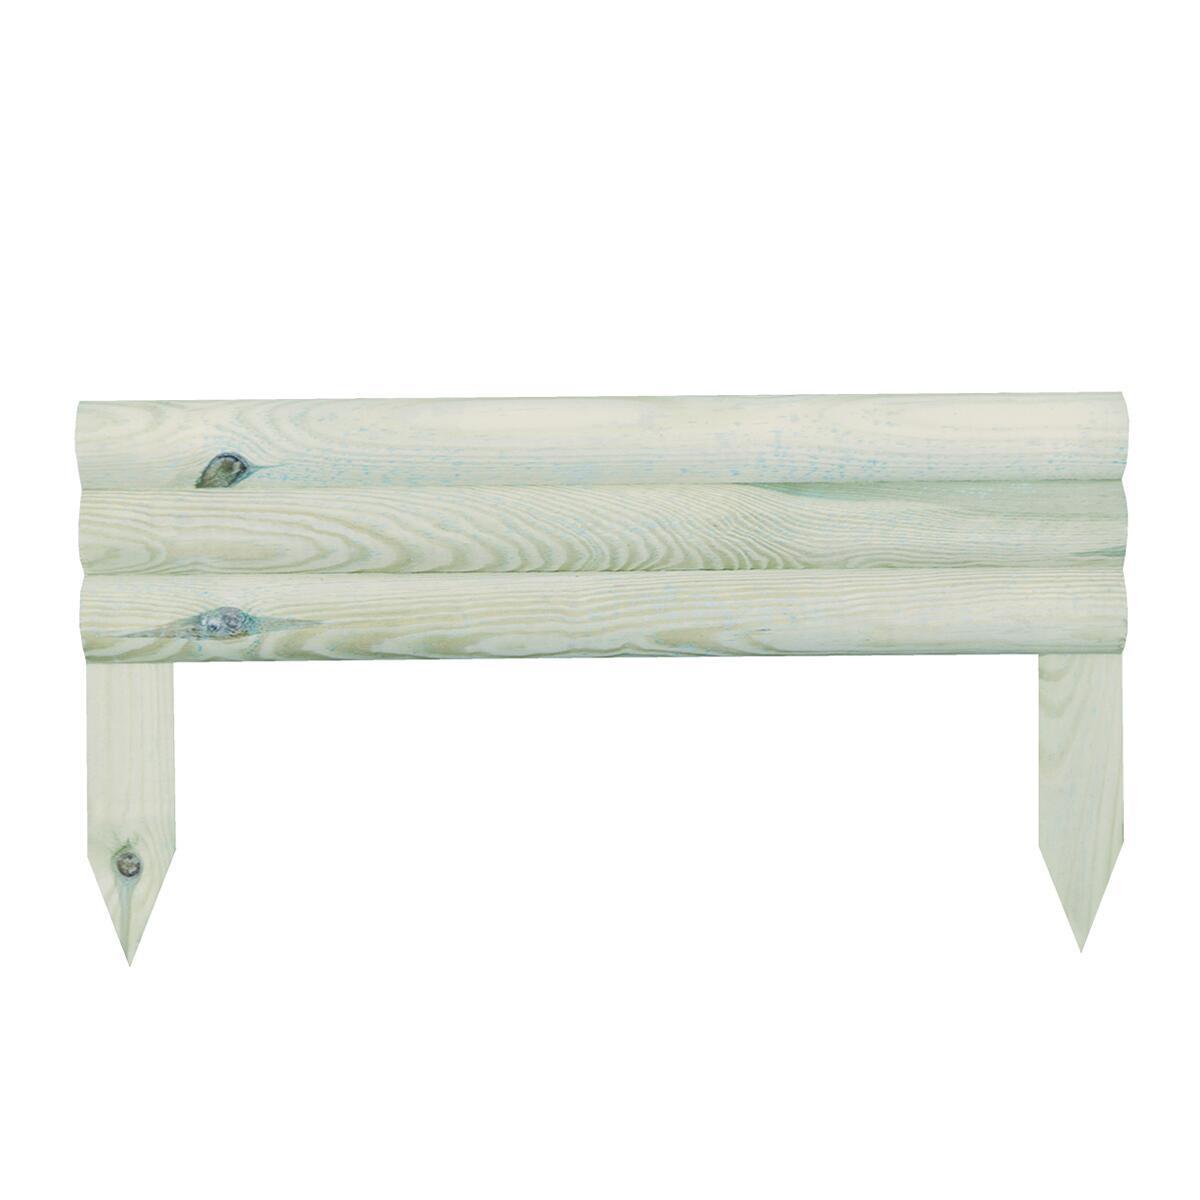 Bordo in legno L 55 x H 30 cm Sp 2.8 cm - 1